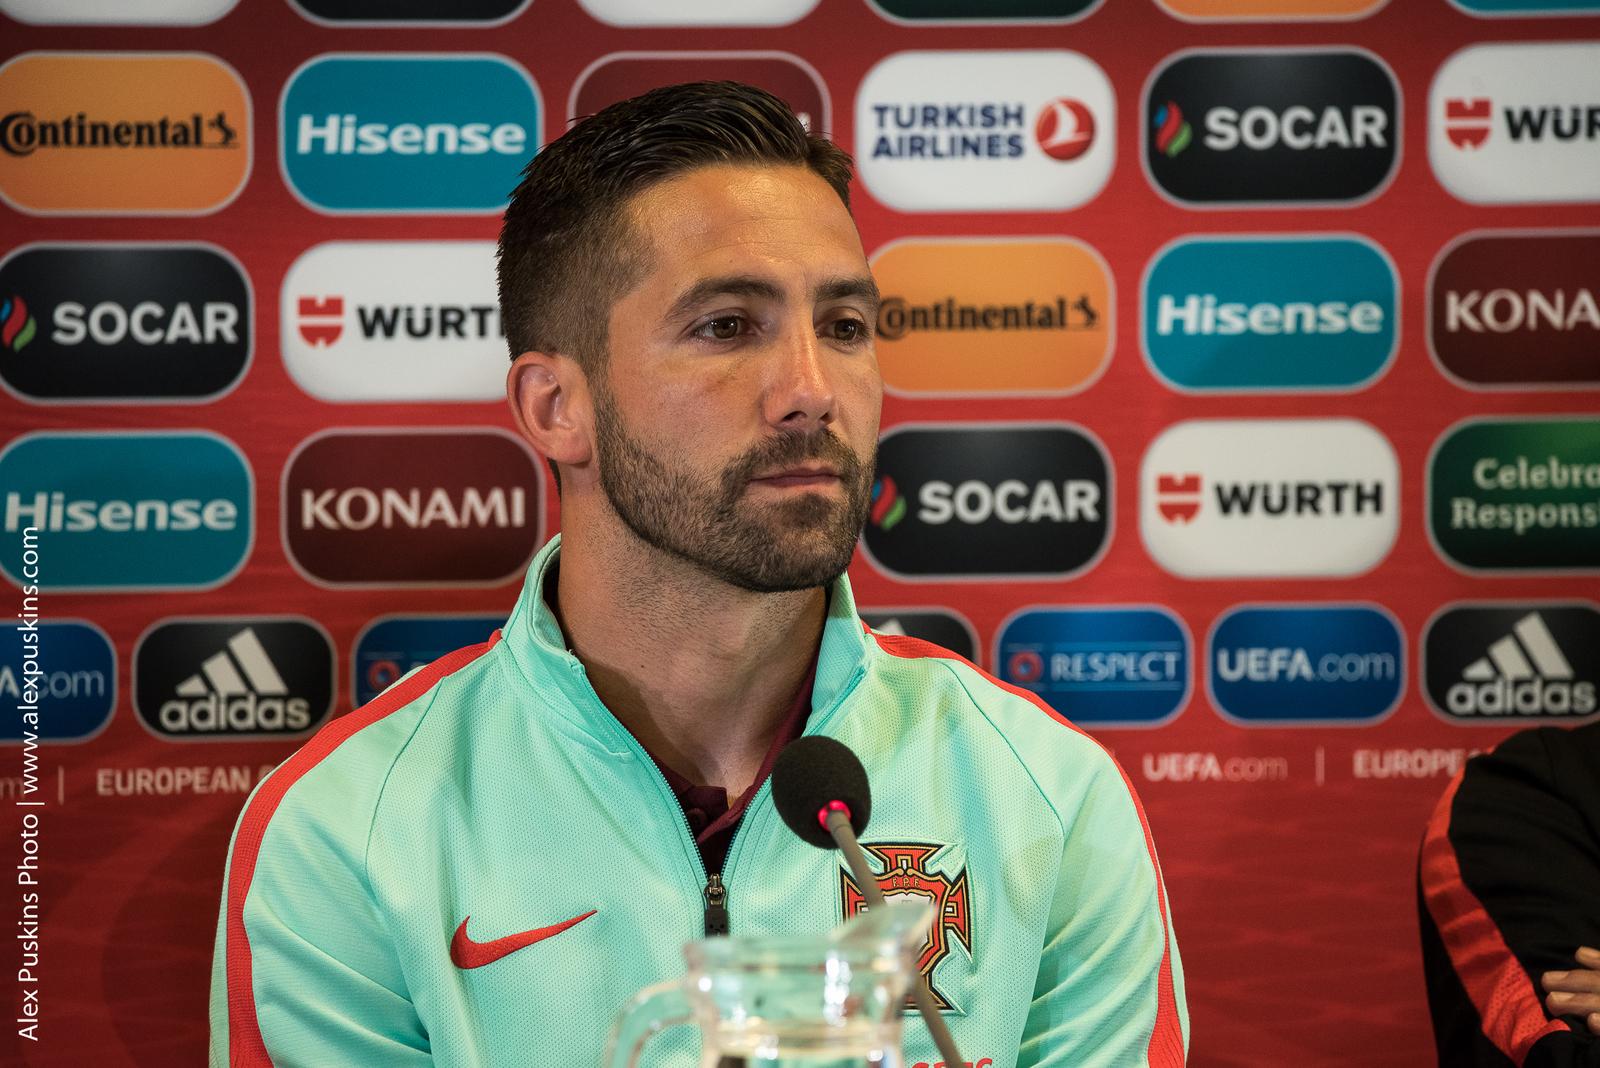 Пресс конференция сборной Португалии в Риге